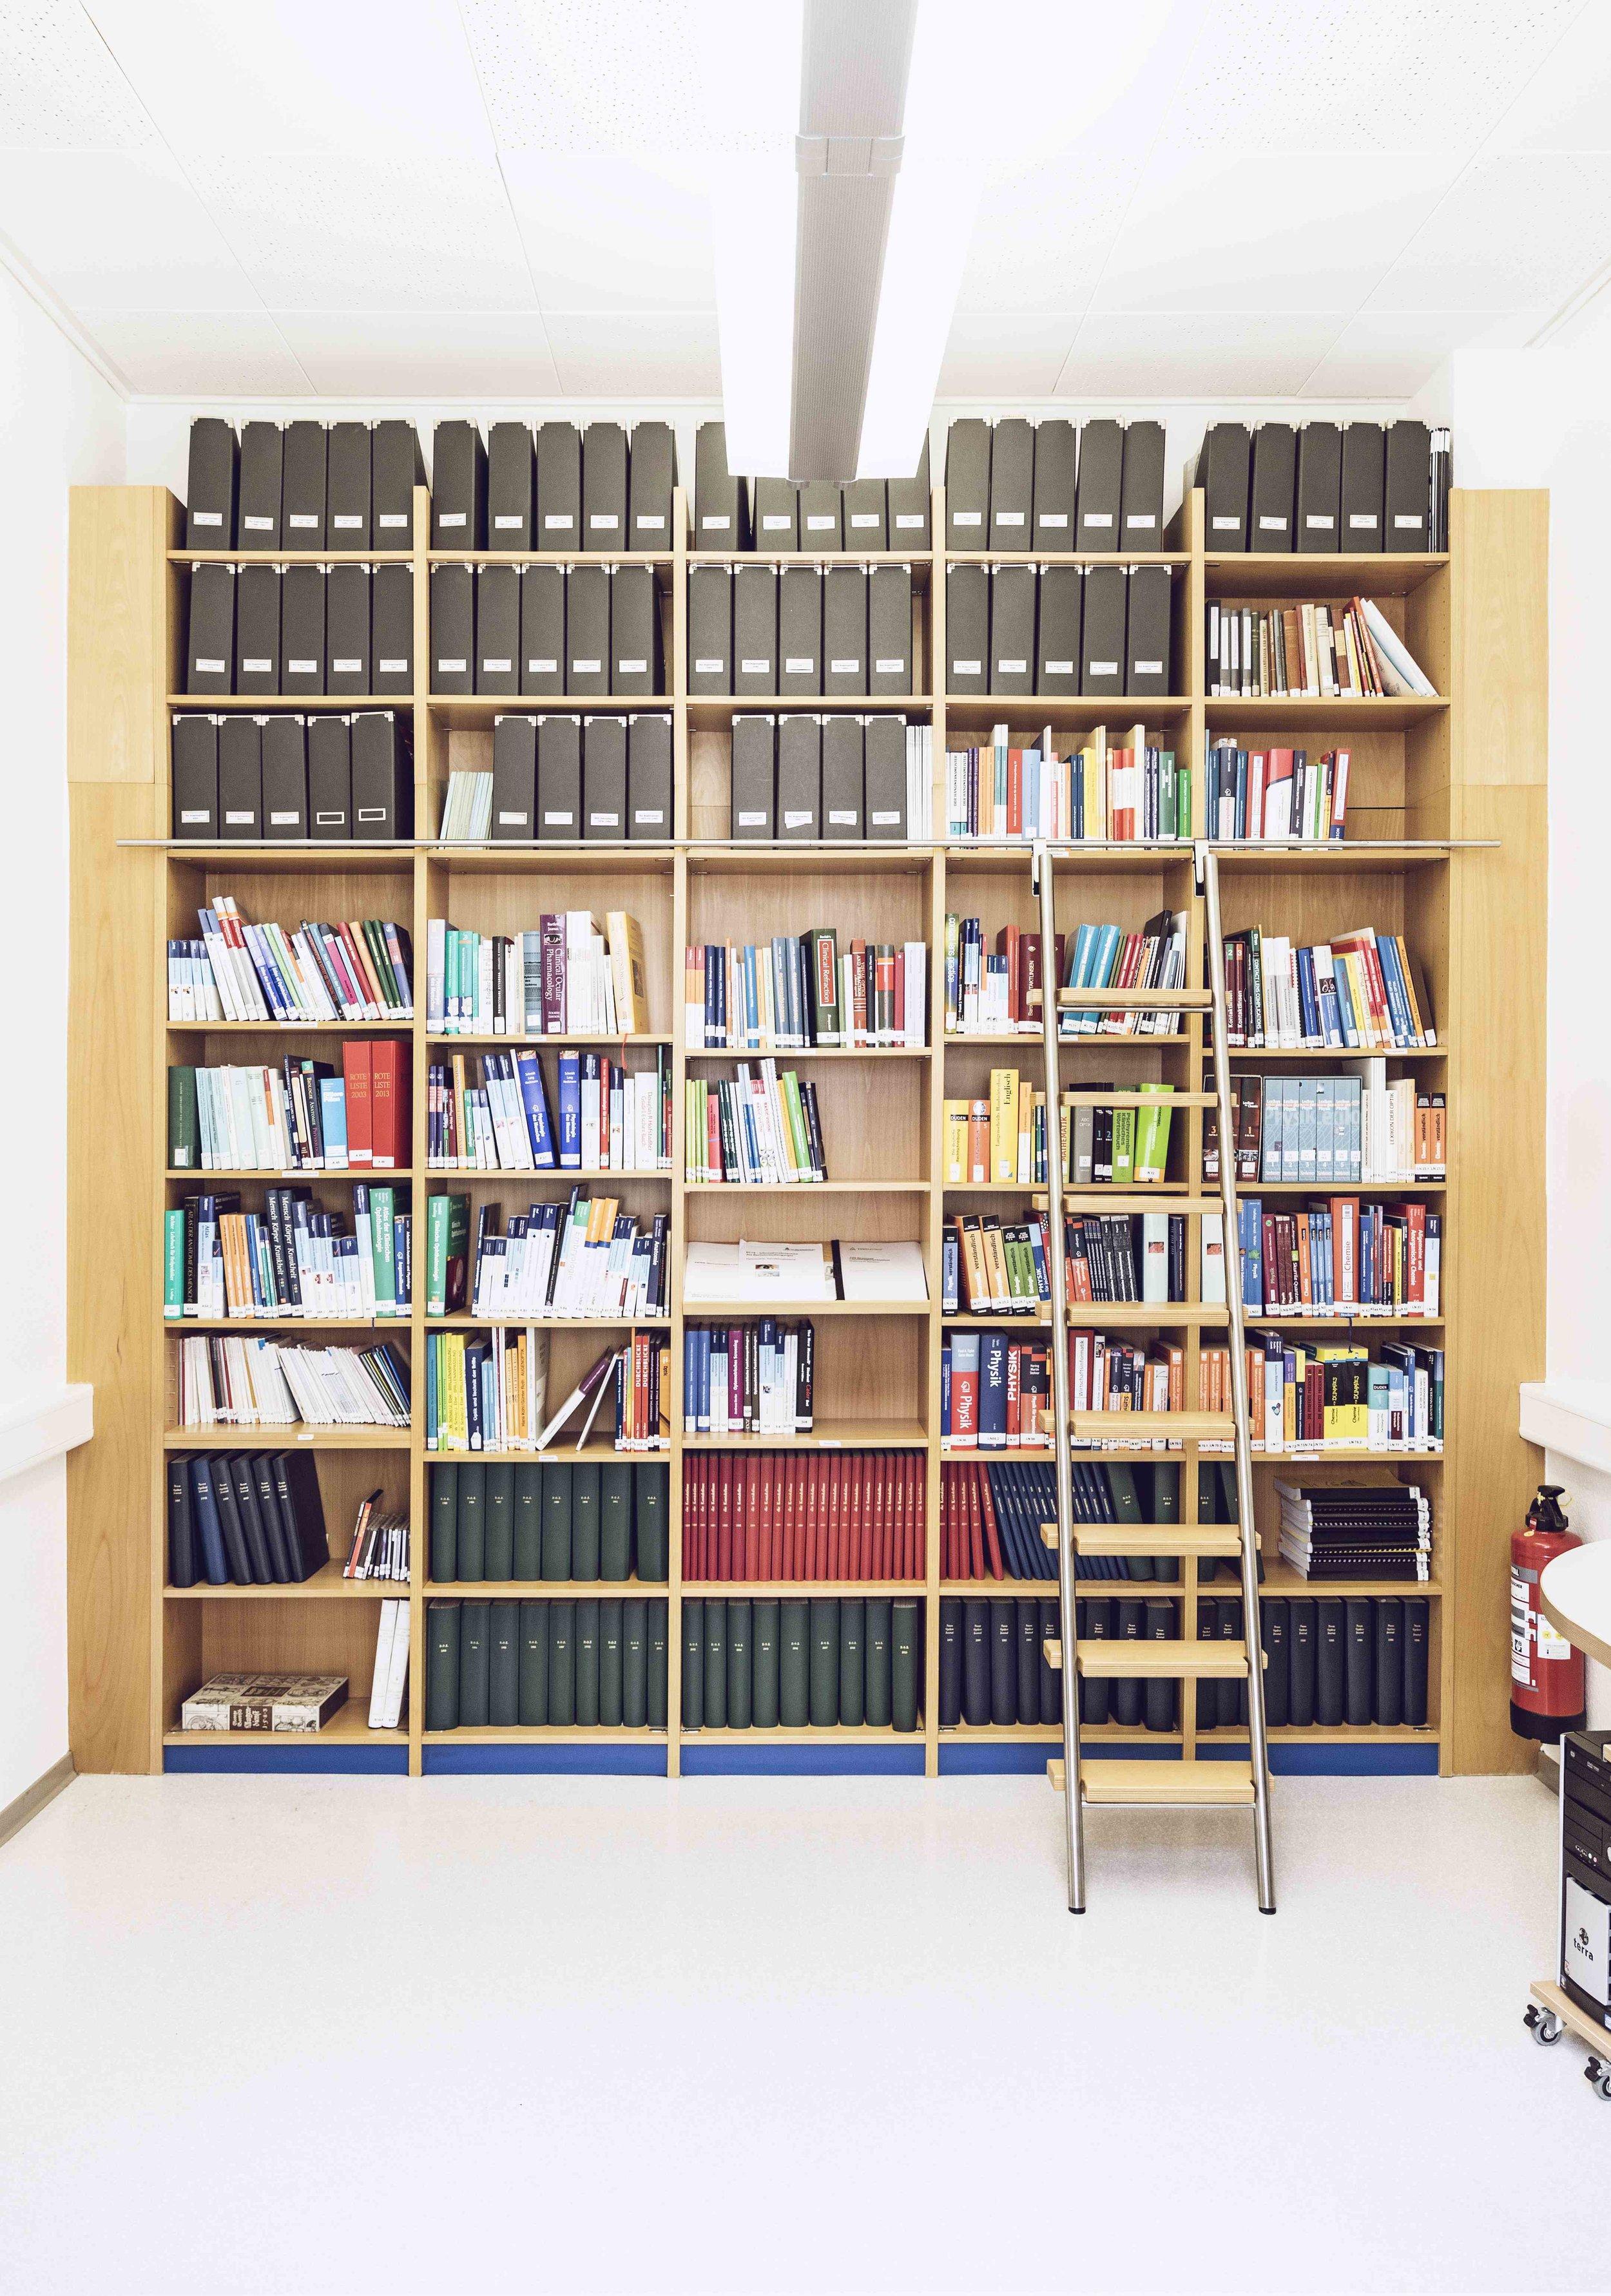 Bibliothek ZVA Akademie der Augenoptik Optik Meisterschule